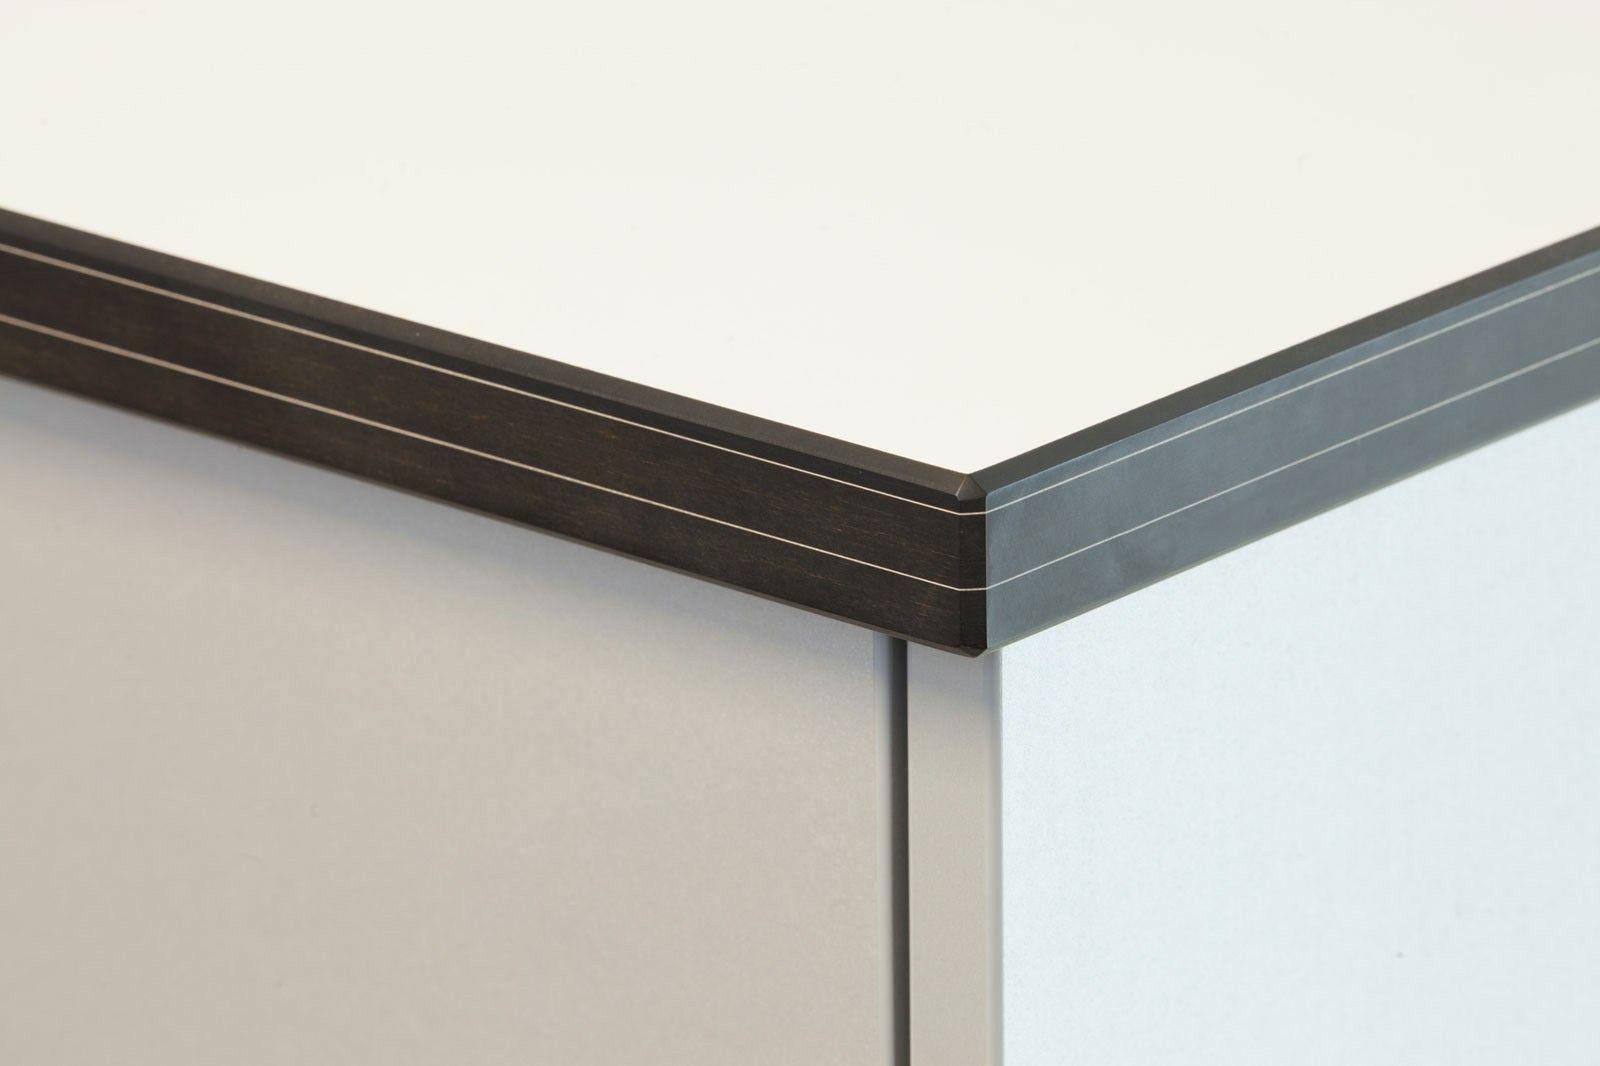 hpl platten sind vielseitig einsetzbar auch in der k che. Black Bedroom Furniture Sets. Home Design Ideas